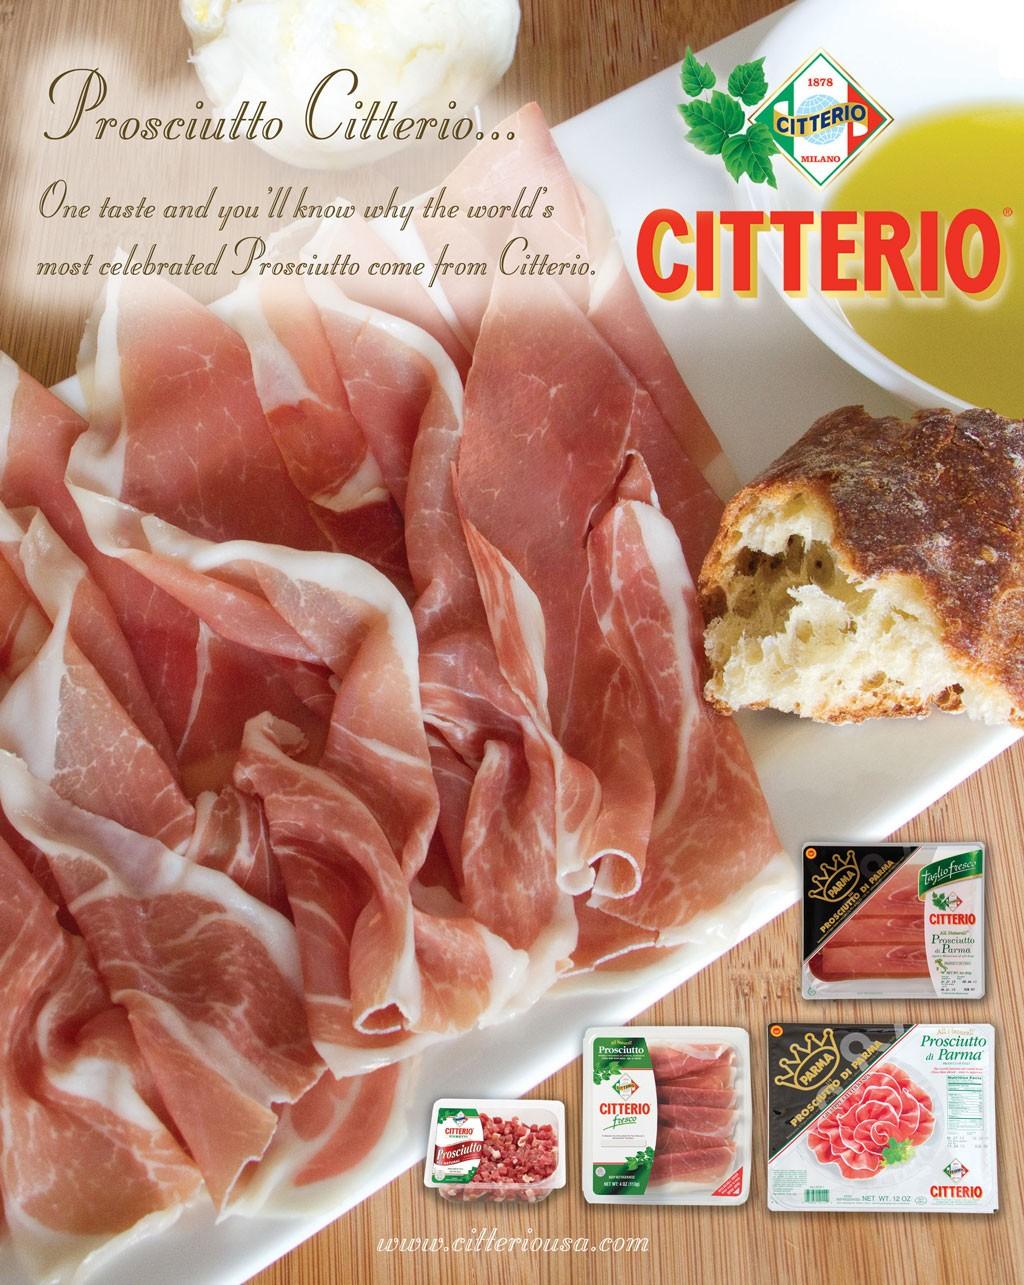 Taste of Citterio